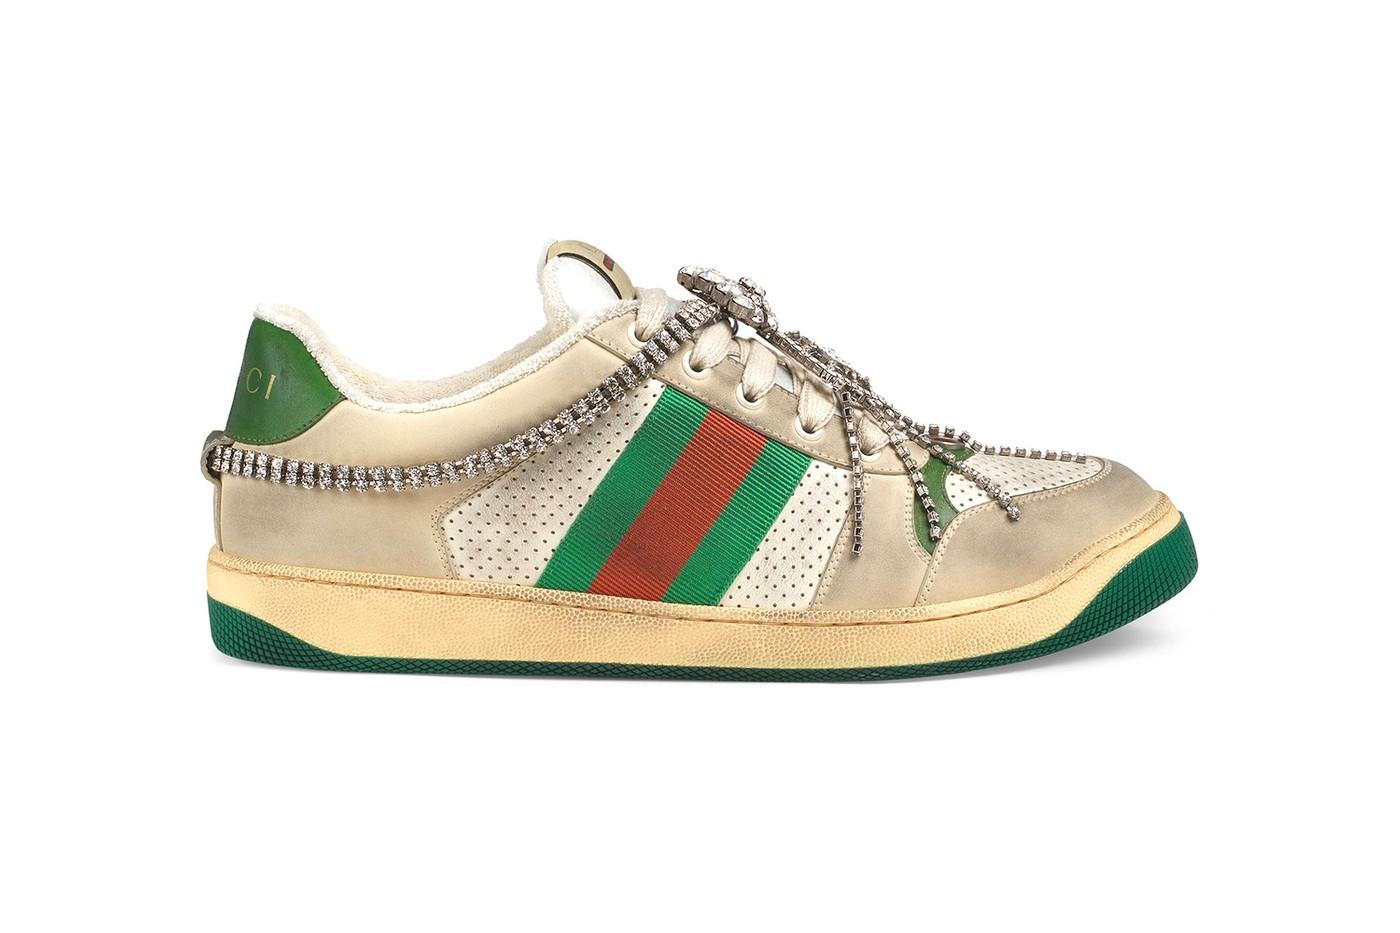 Gucci tung ra phiên bản sneakers đính pha lê với giá gần 40 triệu VND